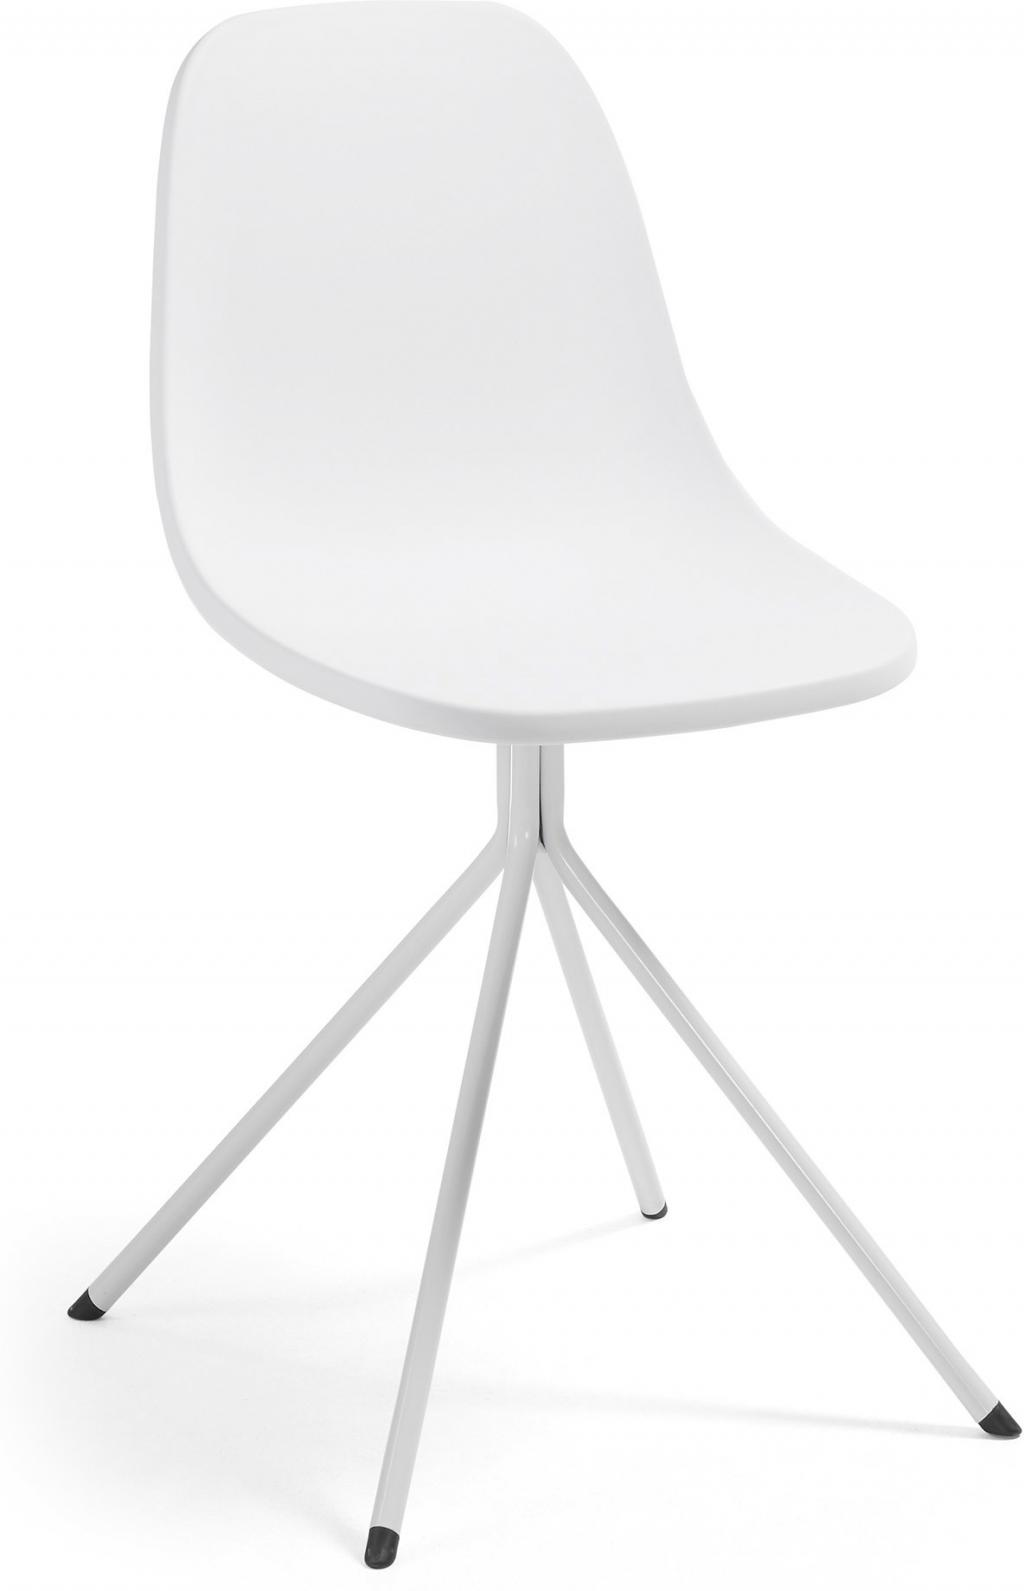 stuhl mint wei epoxy kunststoff schale la forma kaufen wohn und. Black Bedroom Furniture Sets. Home Design Ideas